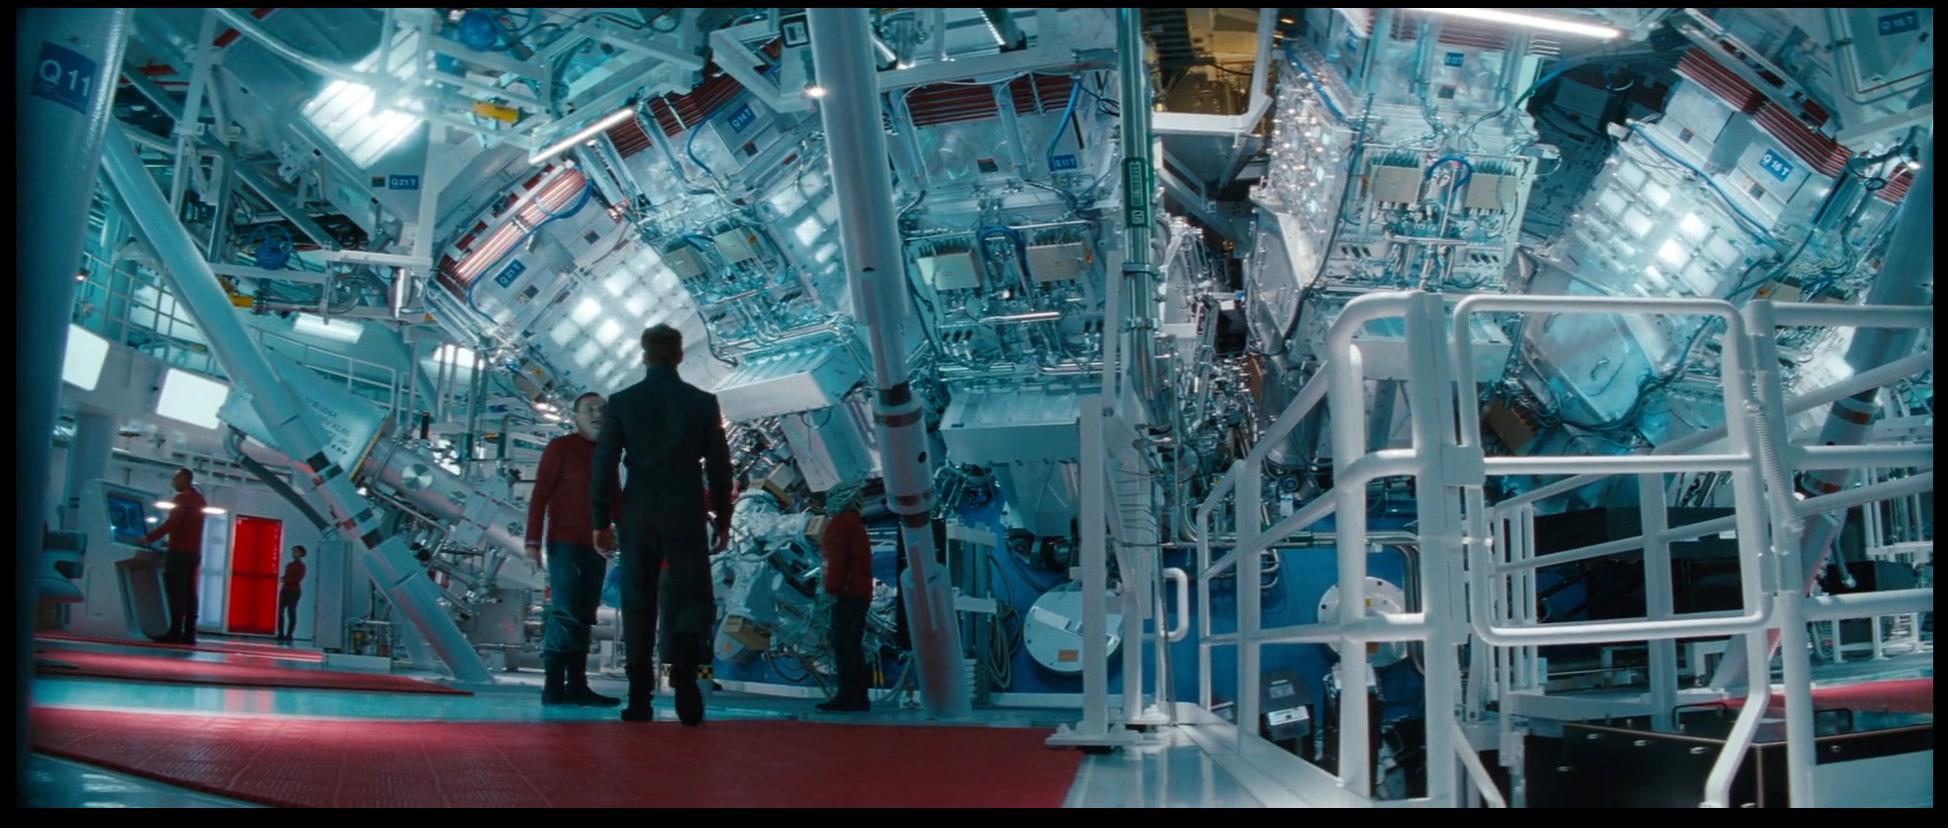 The  Enterprise 's warp core (© Paramount Pictures)